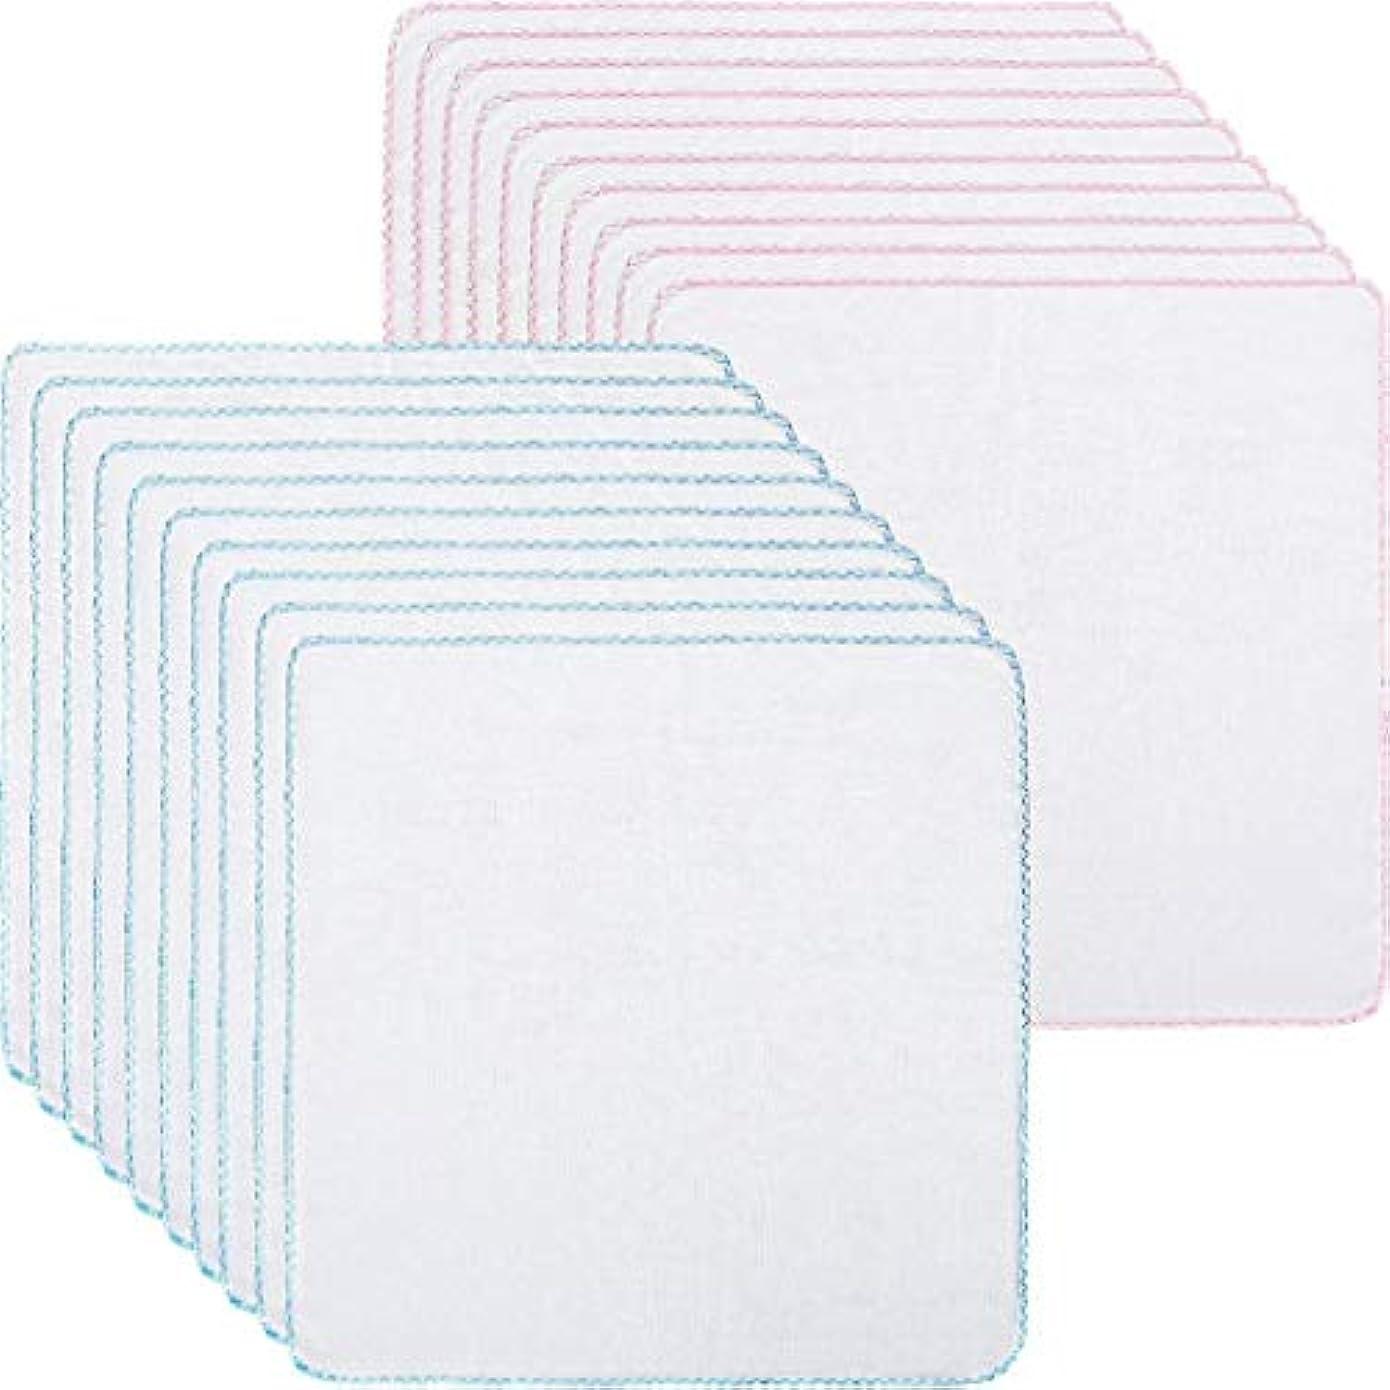 慈悲遊具クルーQuzama-JS 実用的な20ピースピュアコットンフェイシャルクレンジングmuslinクロスソフトフェイシャルクレンジングメイクリムーバー布、青とピンク